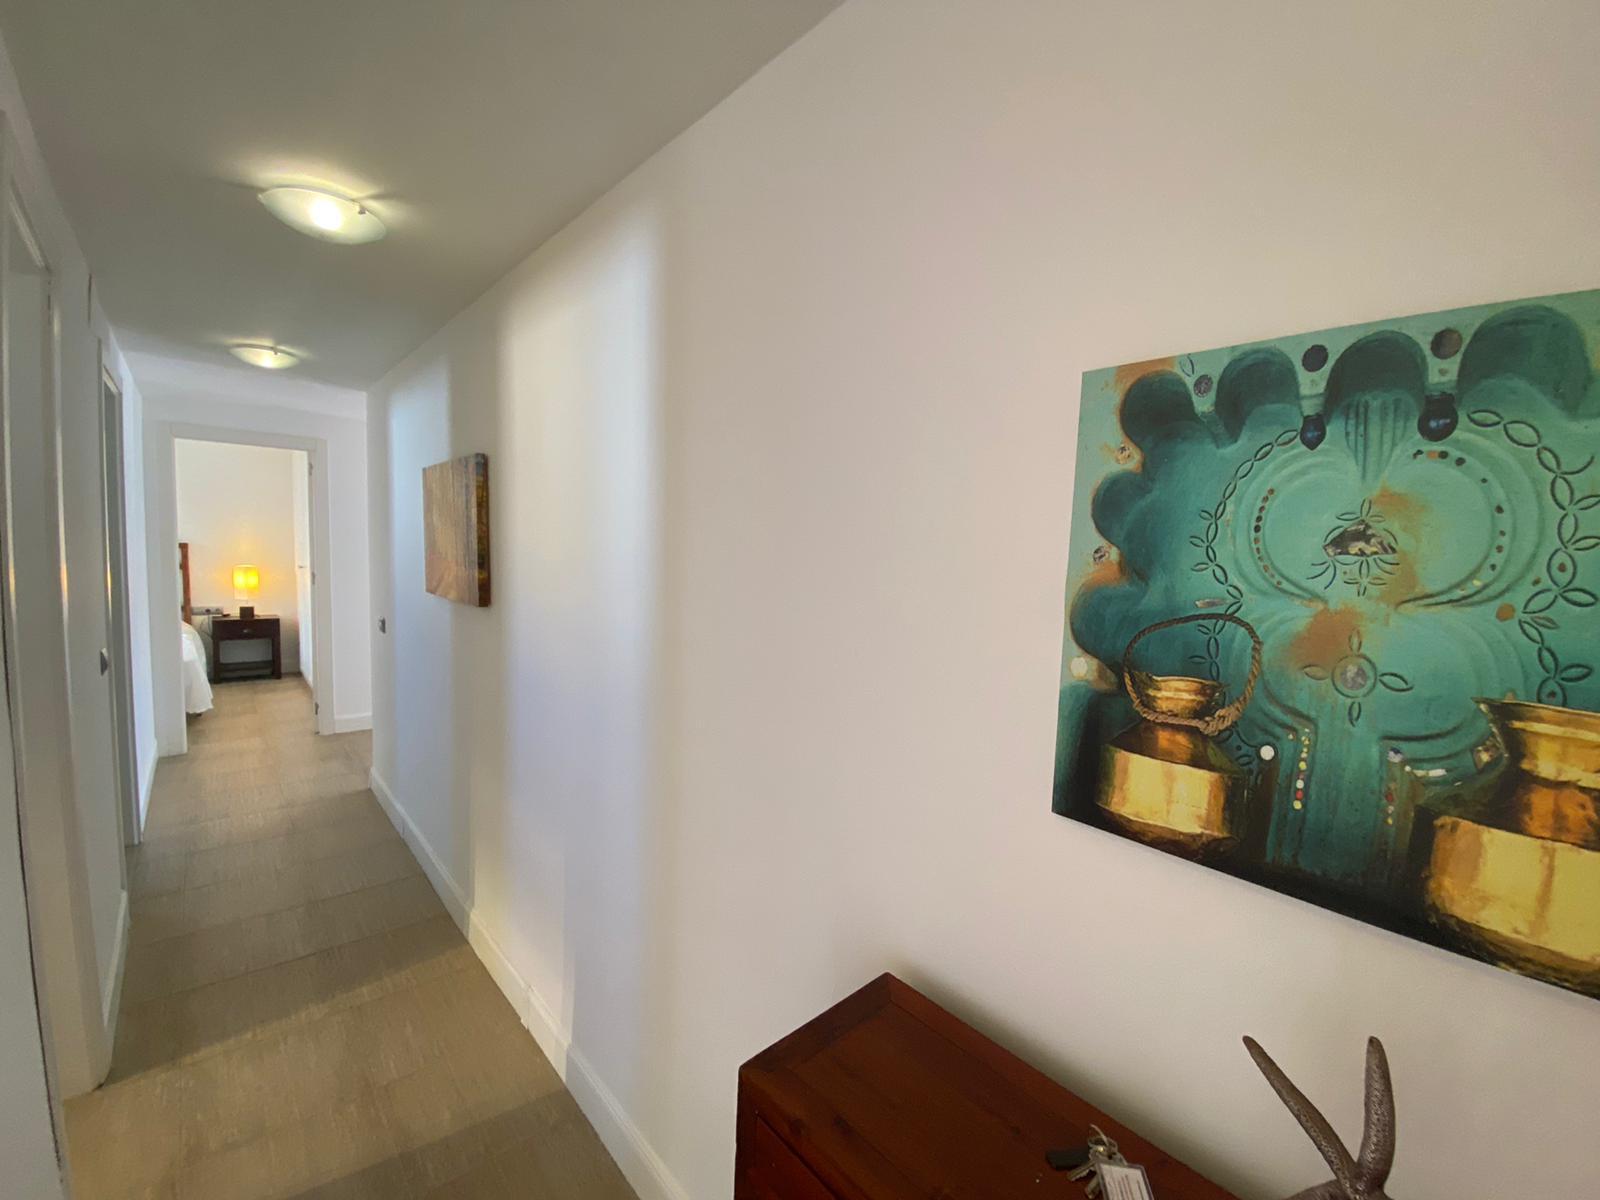 Imagen 7 del Apartamento Turístico, Ático 1 Central (3d+2b), Punta del Moral (HUELVA), Paseo de la Cruz nº22